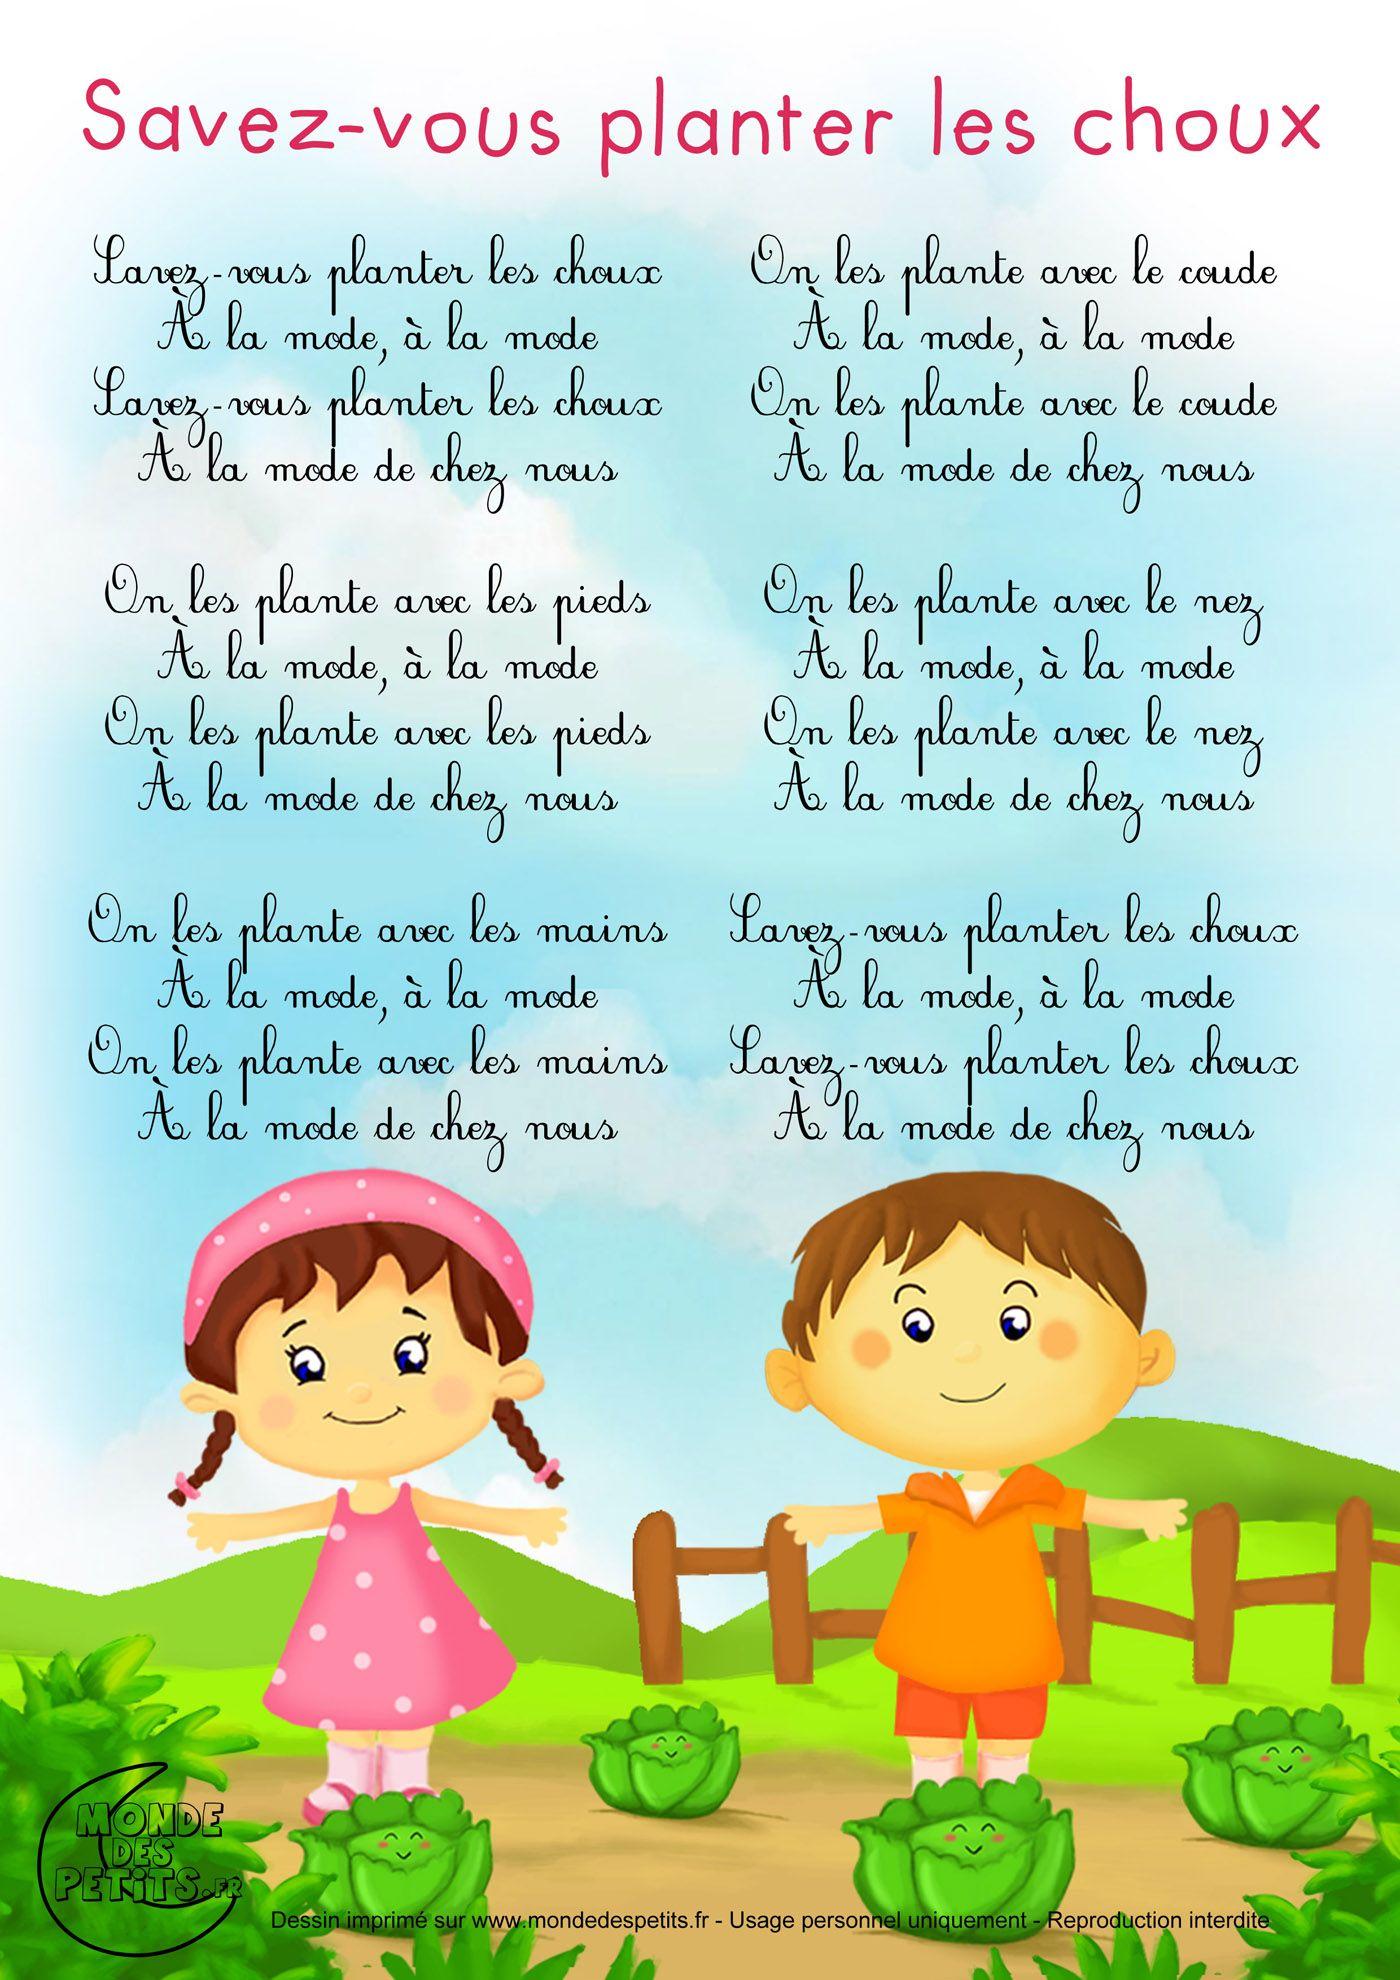 Afocal Bretagne. L'idéal Étant De Connaître Les Paroles Et L intérieur Les Petites Marionnettes Chanson